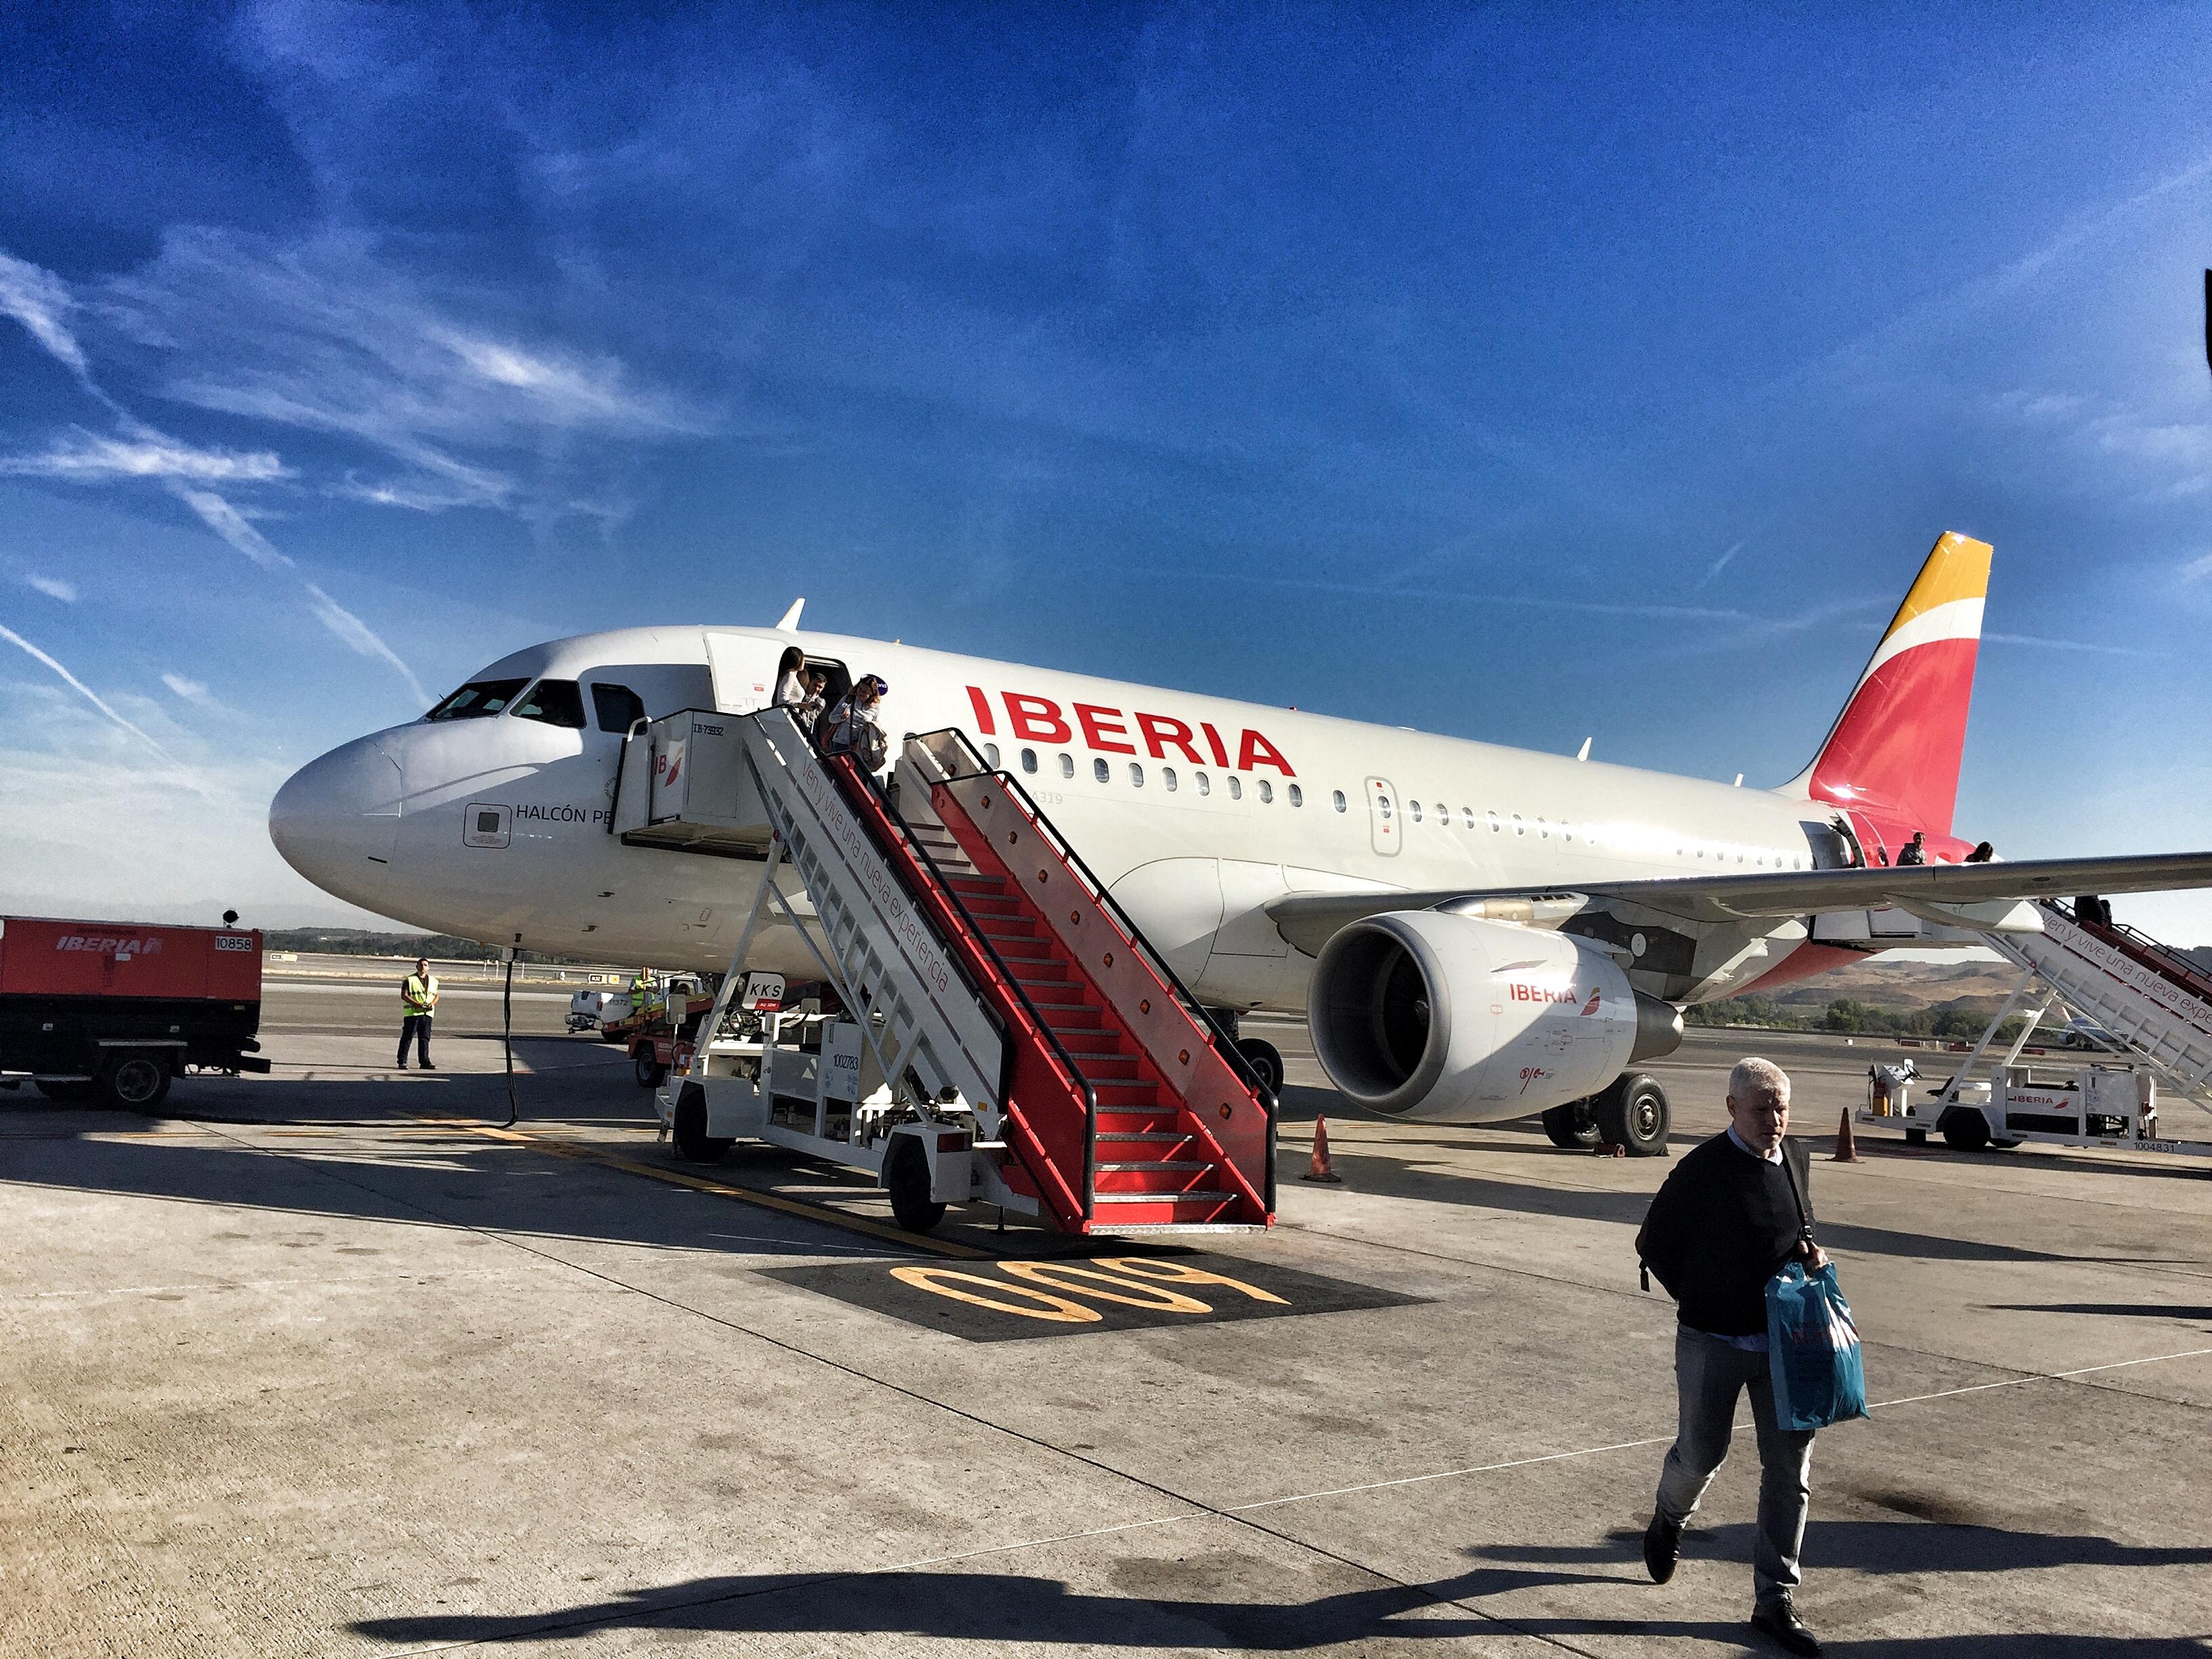 Из Москвы в Мадрид в июне за 5600 руб. с багажом